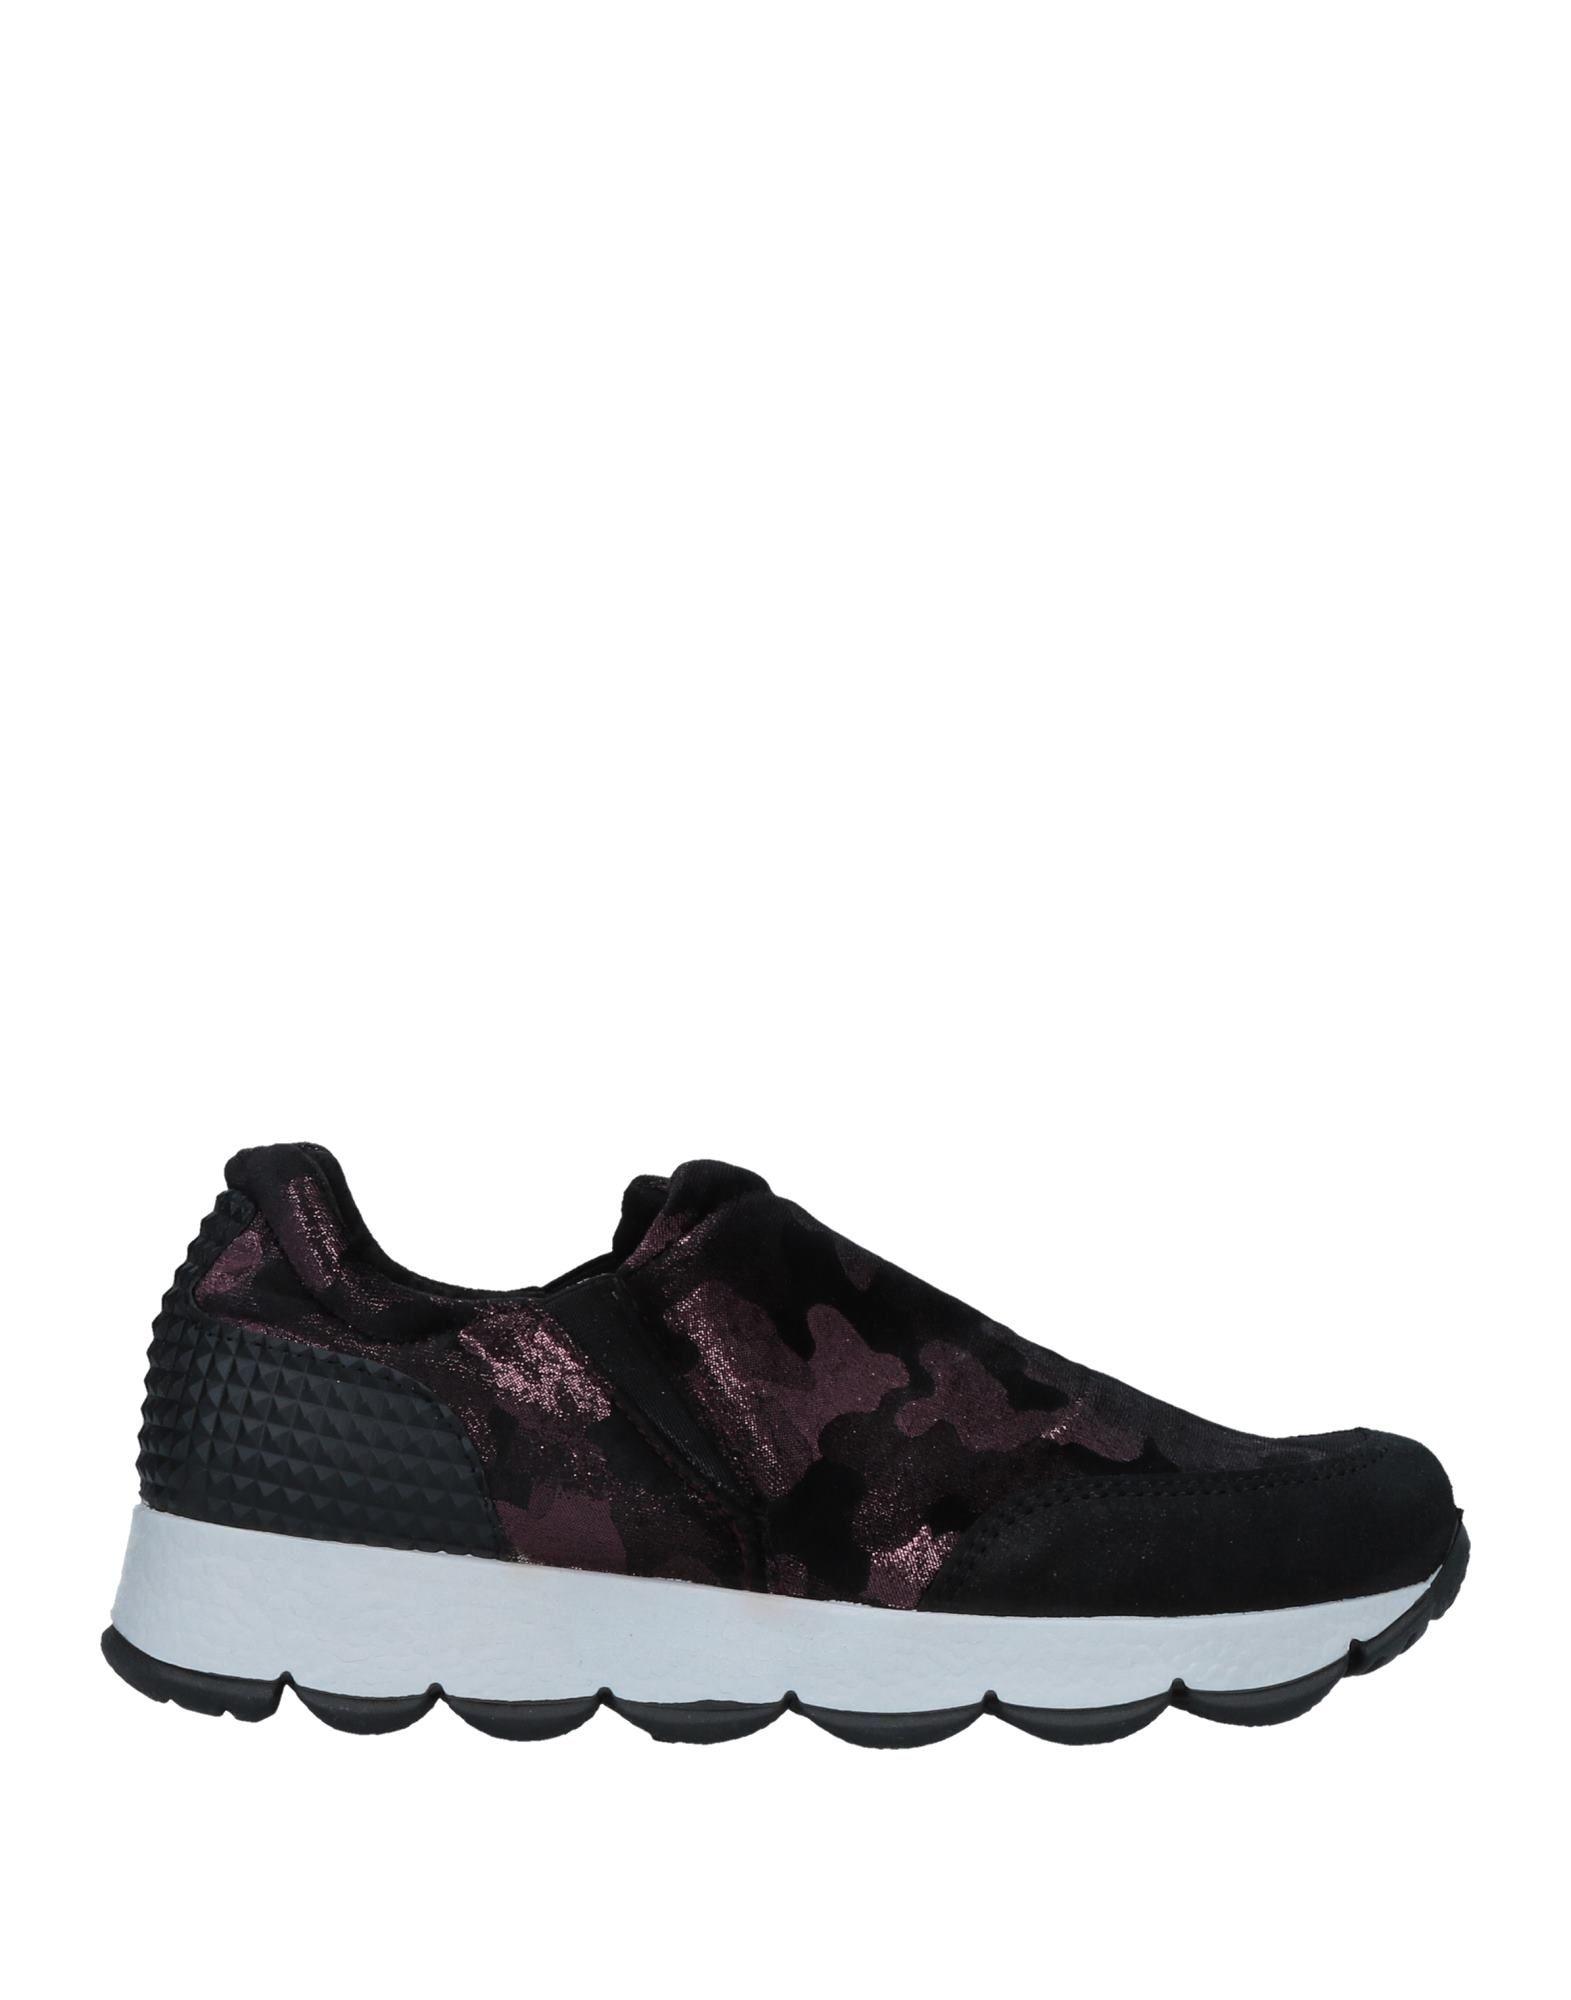 Mng Sneakers Damen  11506641CI Gute Qualität beliebte Schuhe